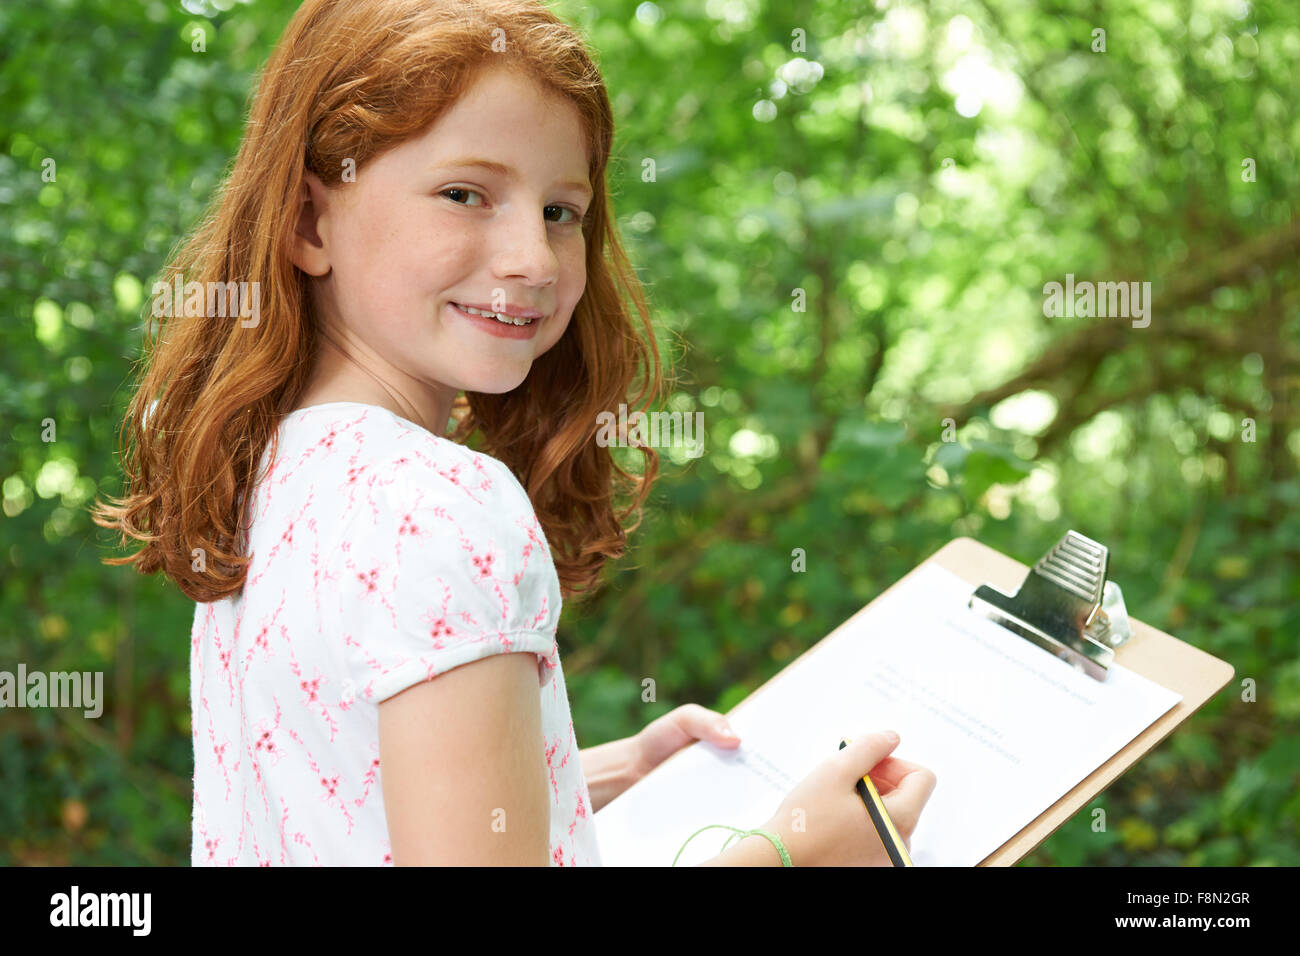 Chica haciendo notas sobre la Escuela Naturaleza viaje de campo Imagen De Stock